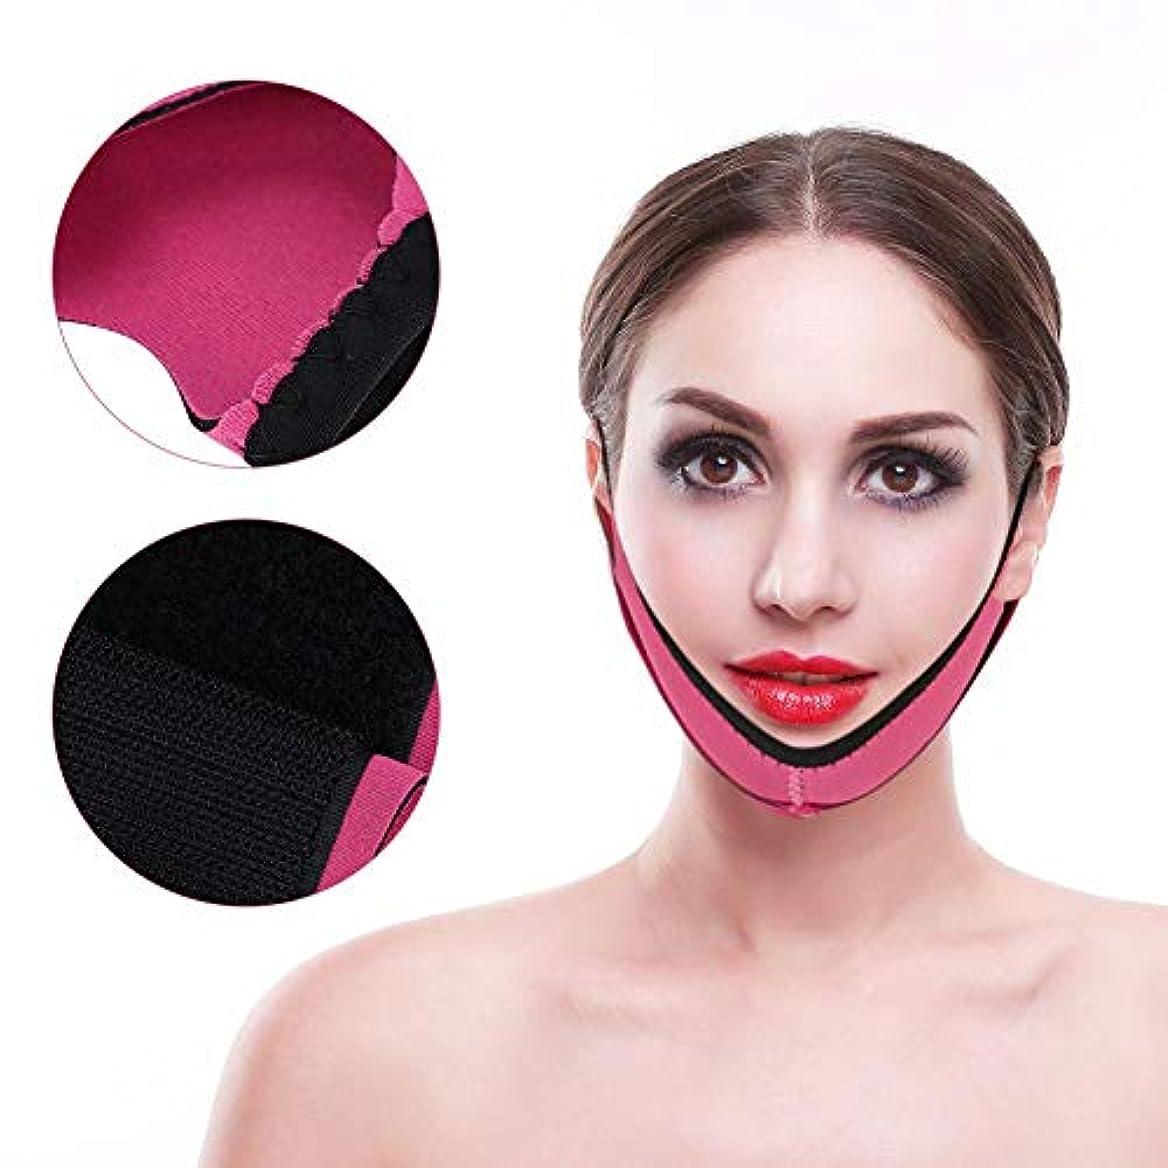 コメンテーターボーナス反映するVフェイスラインベルト、超薄型ストラップバンドVフェイスラインベルトは、二重あごと顔面筋の弛緩を効果的に改善します。